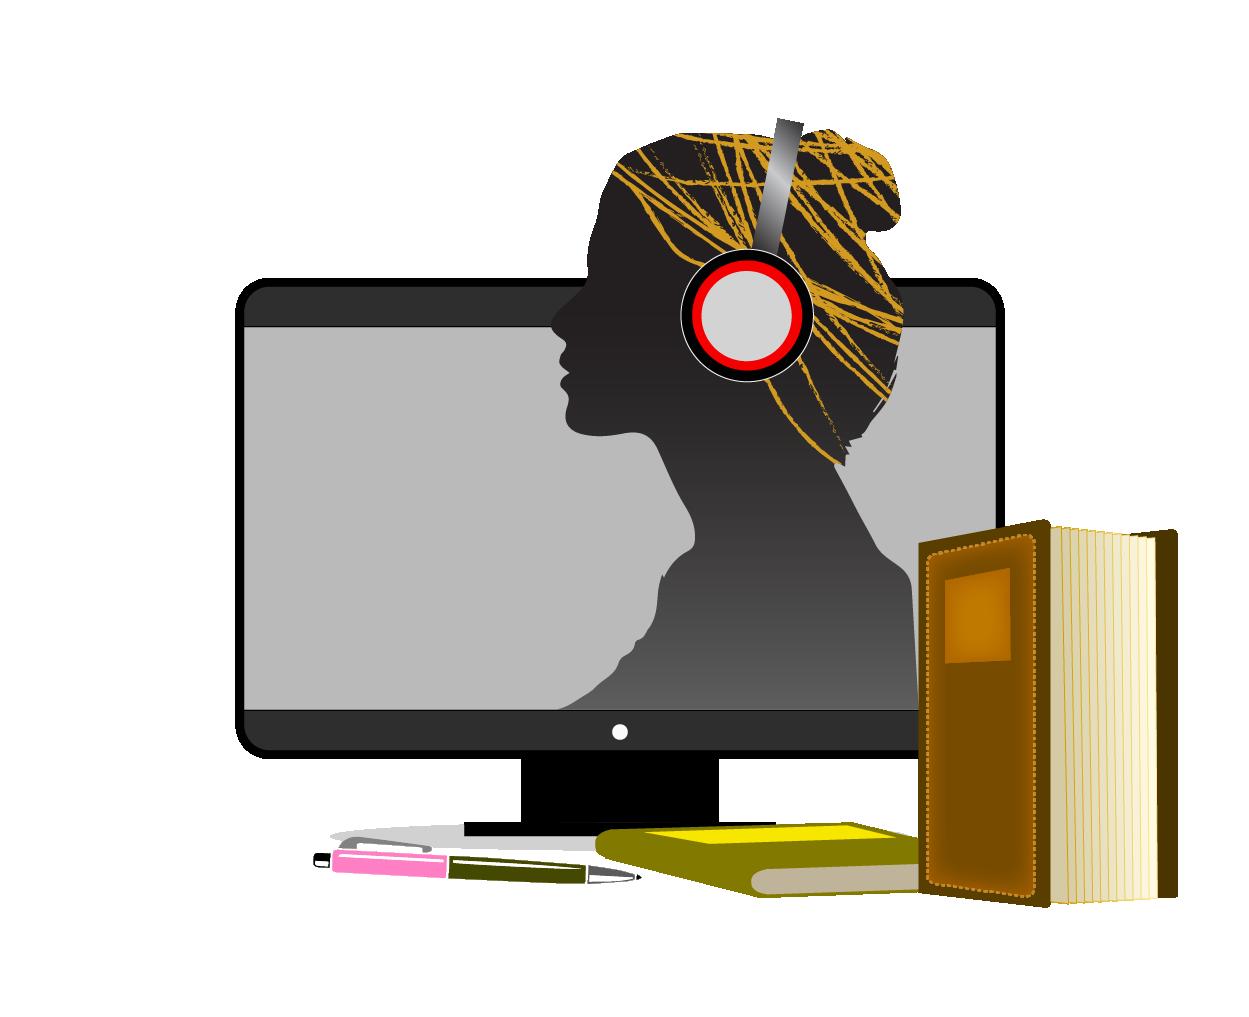 Sind Onlinekurse besser als Präsenzlehrgänge? Und warum?